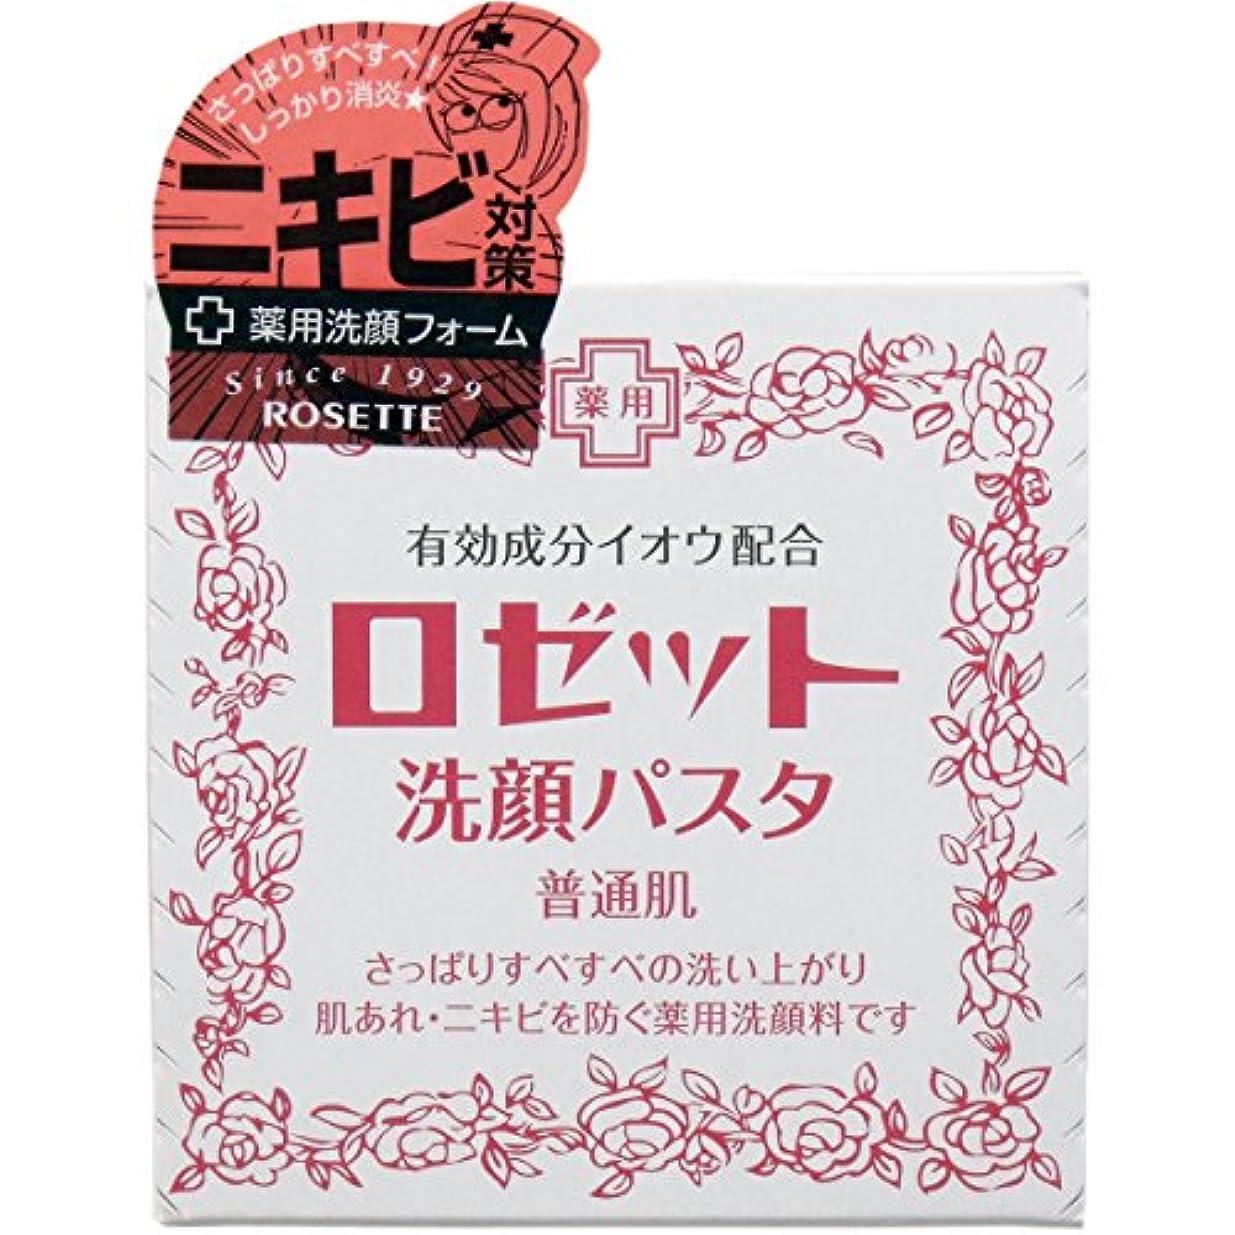 エゴイズム羊の服を着た狼翻訳【まとめ買い】ロゼット 洗顔パスタ 普通90g ×2セット